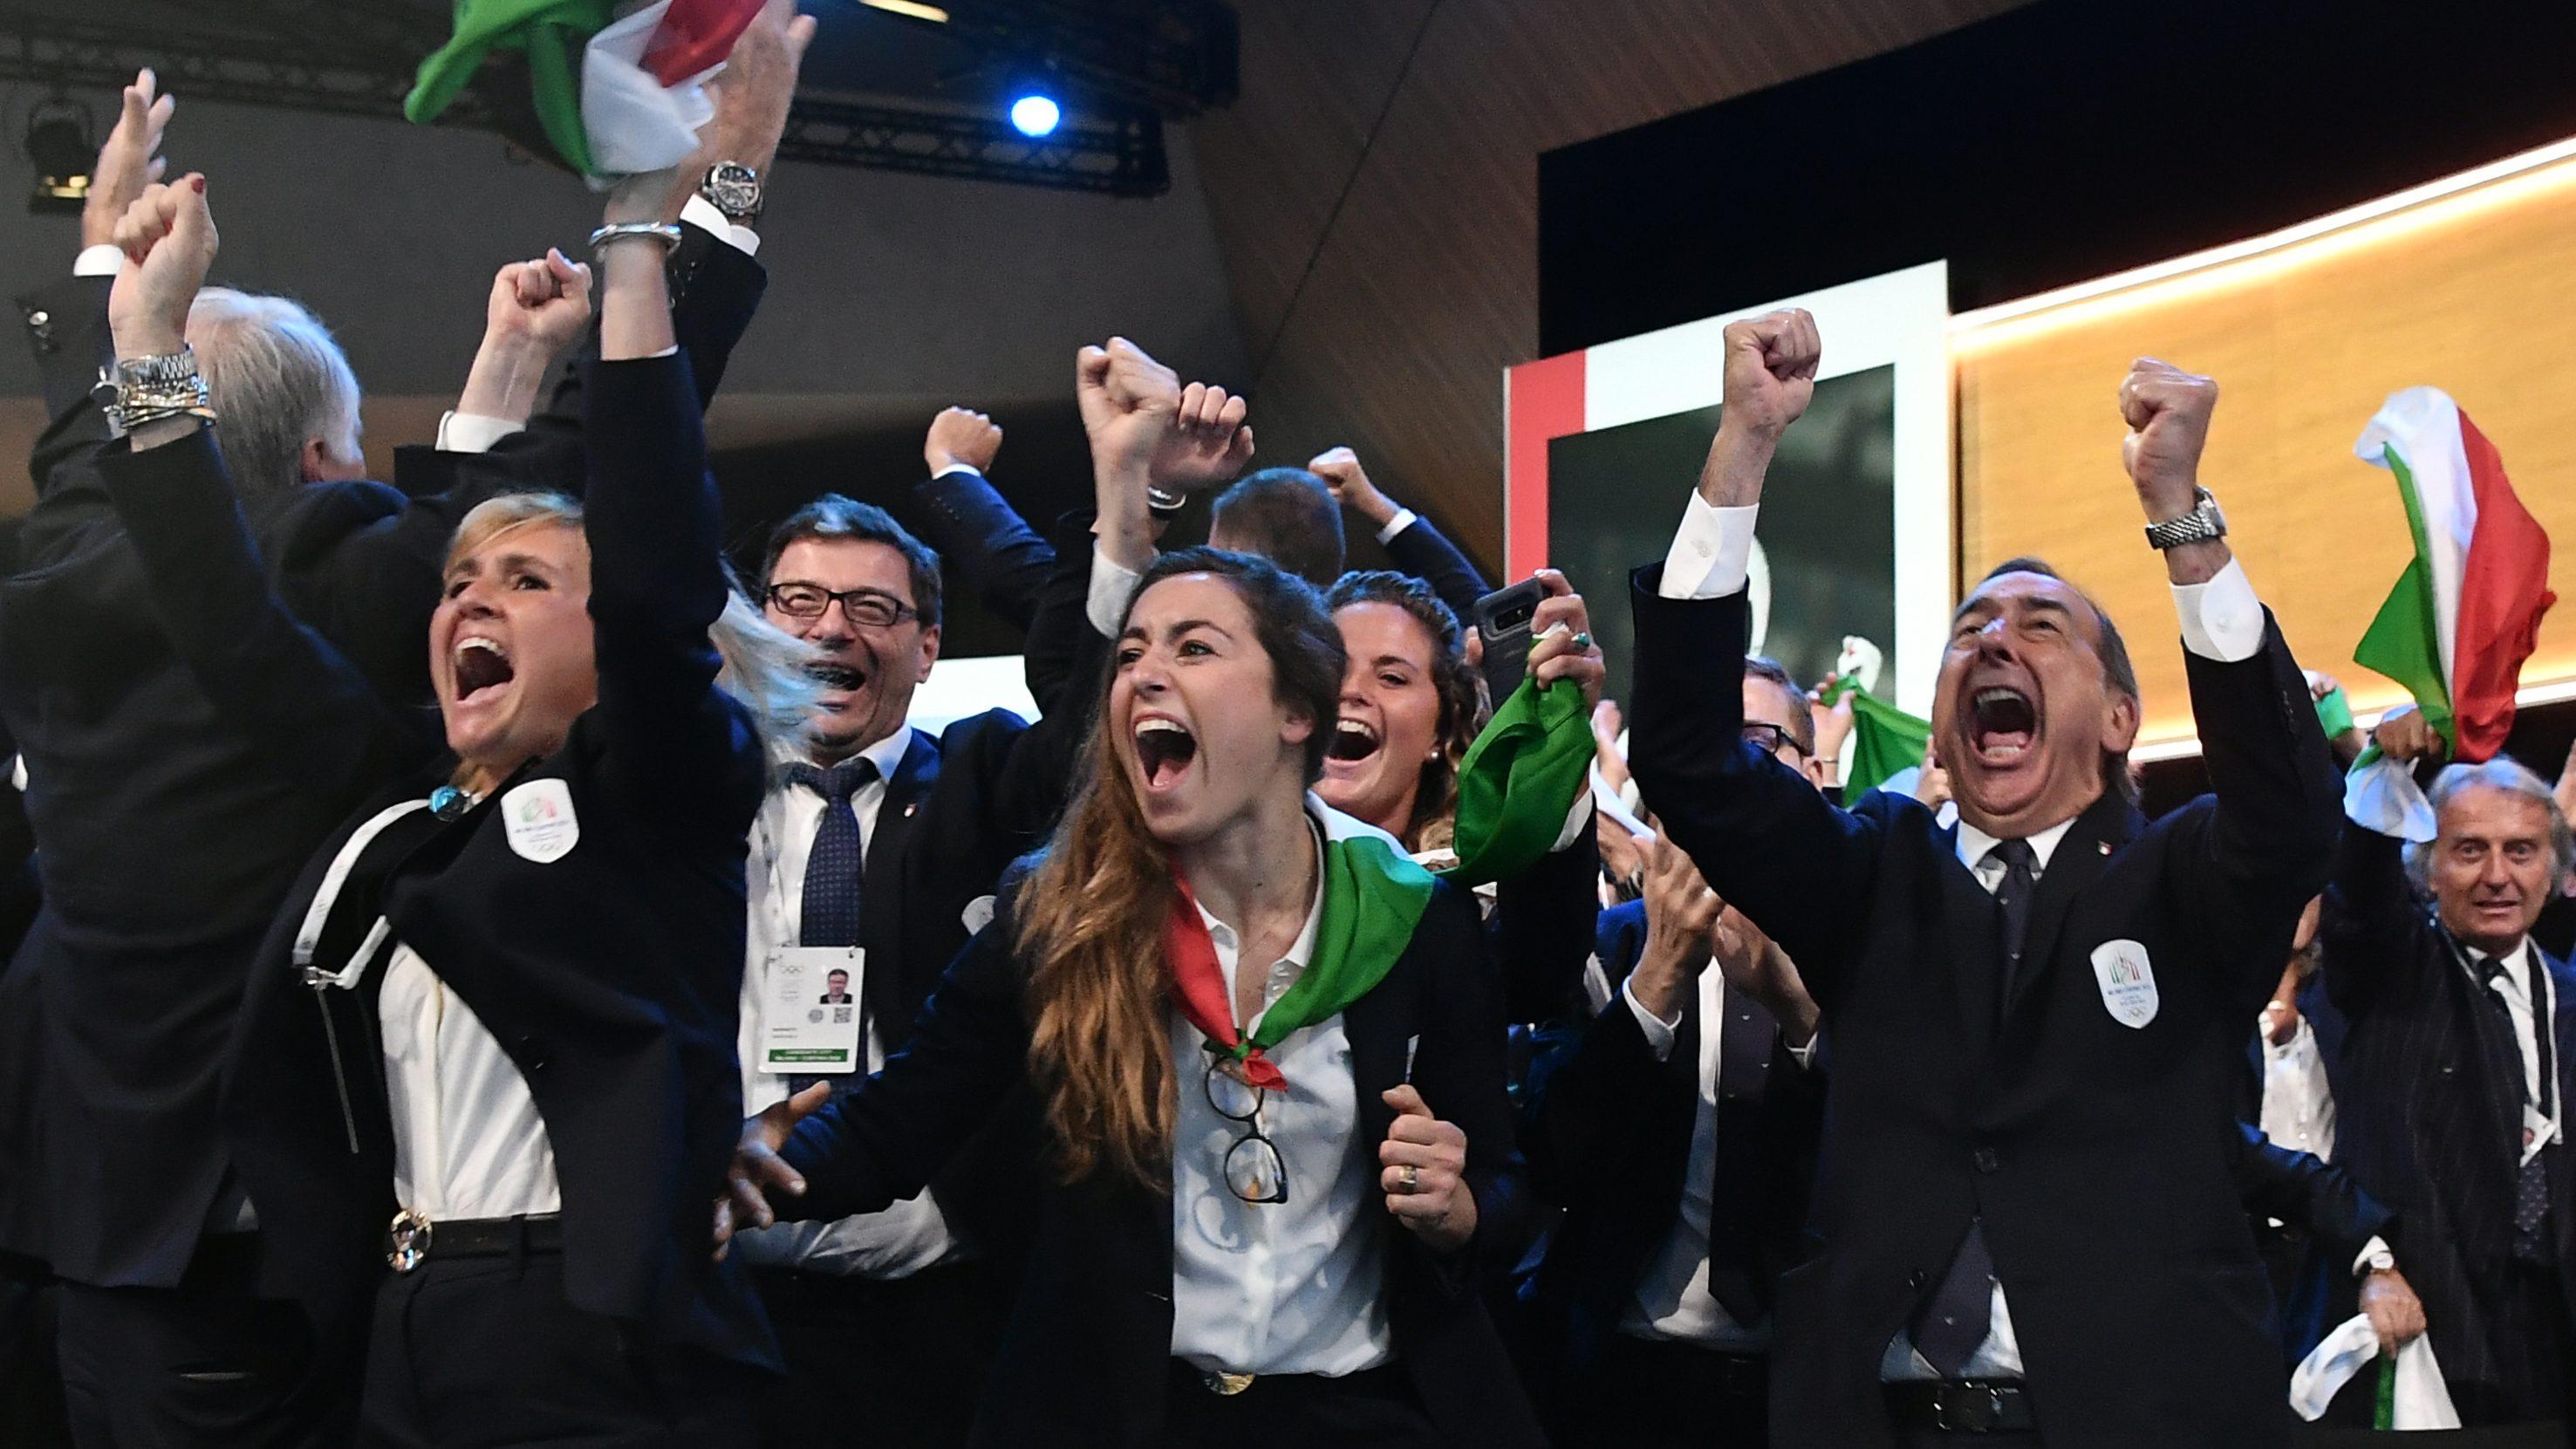 Italy Winter Olympics 2026